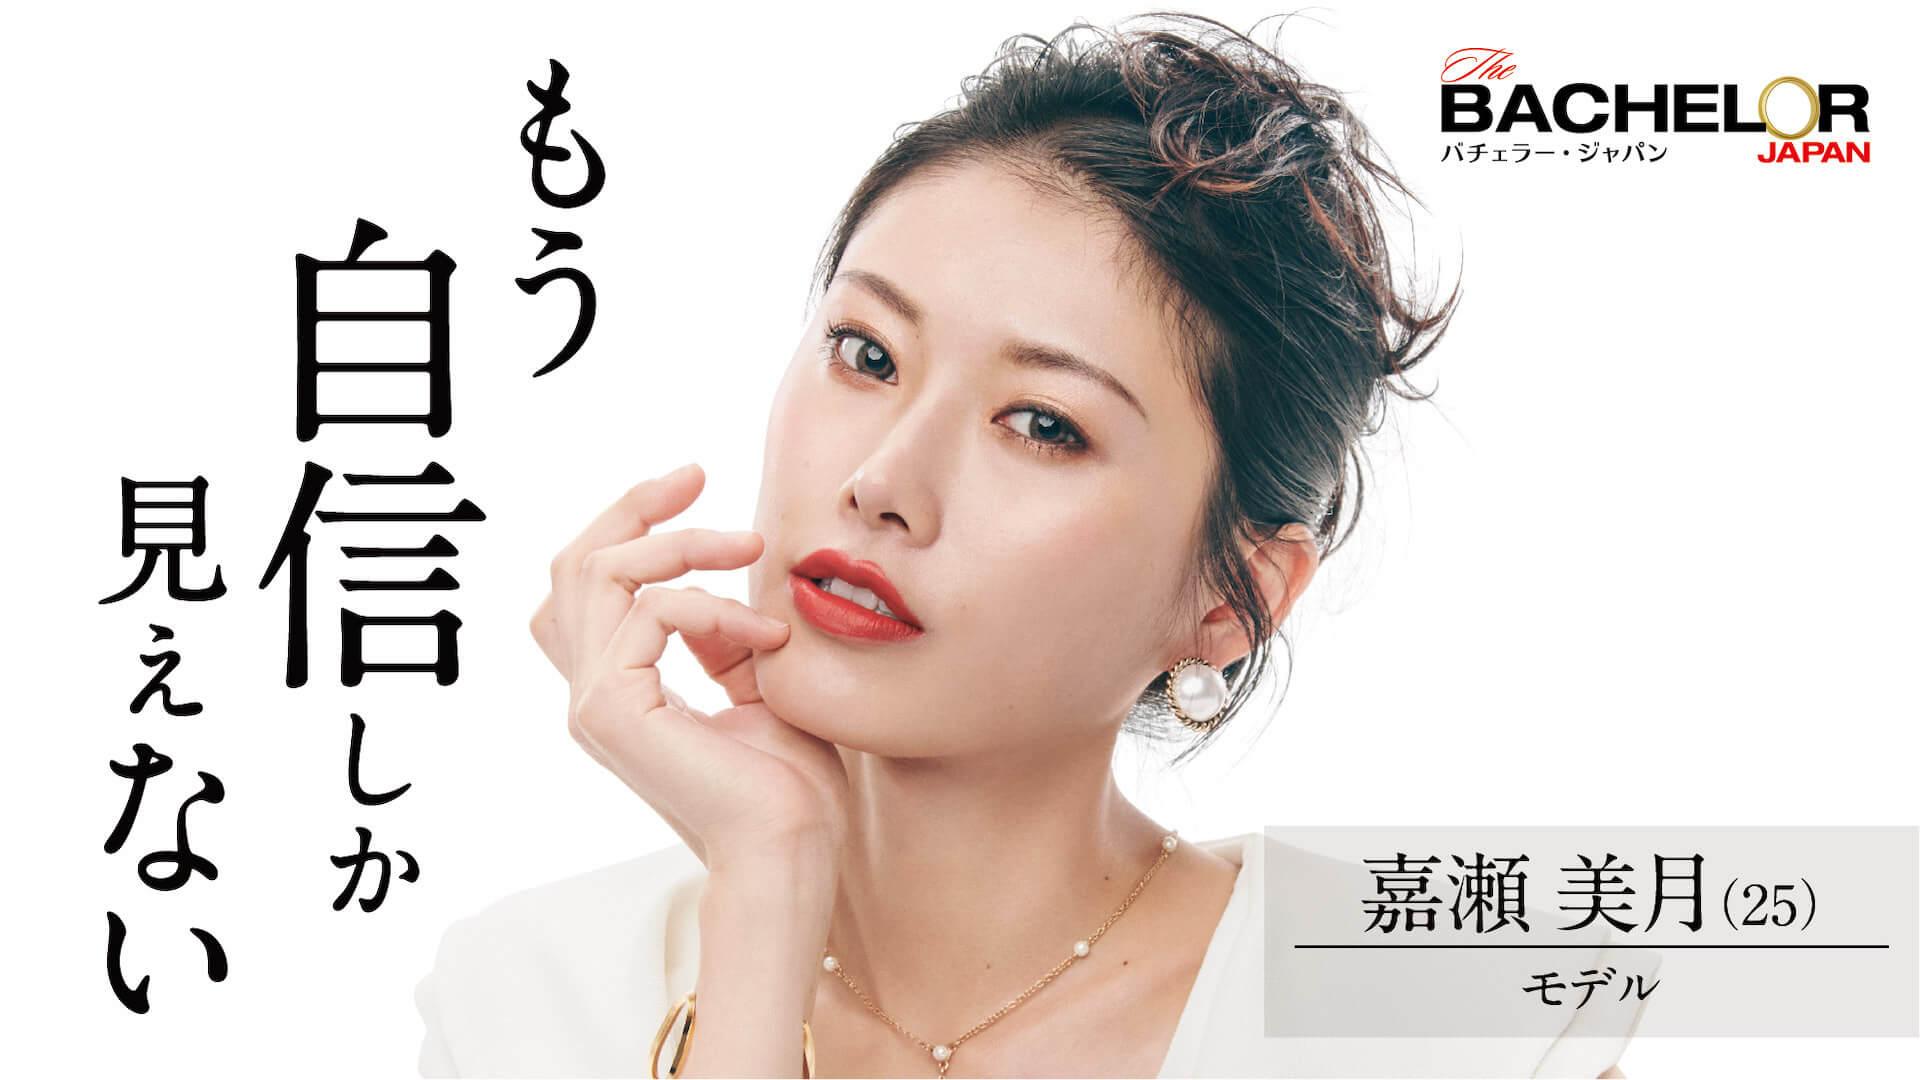 モデル、レディ・ユニバース2020日本代表、医者、経営者など続々登場!『バチェラー・ジャパン』シーズン4の女性参加者15名が一挙発表 art211007_bacelorjapan_2